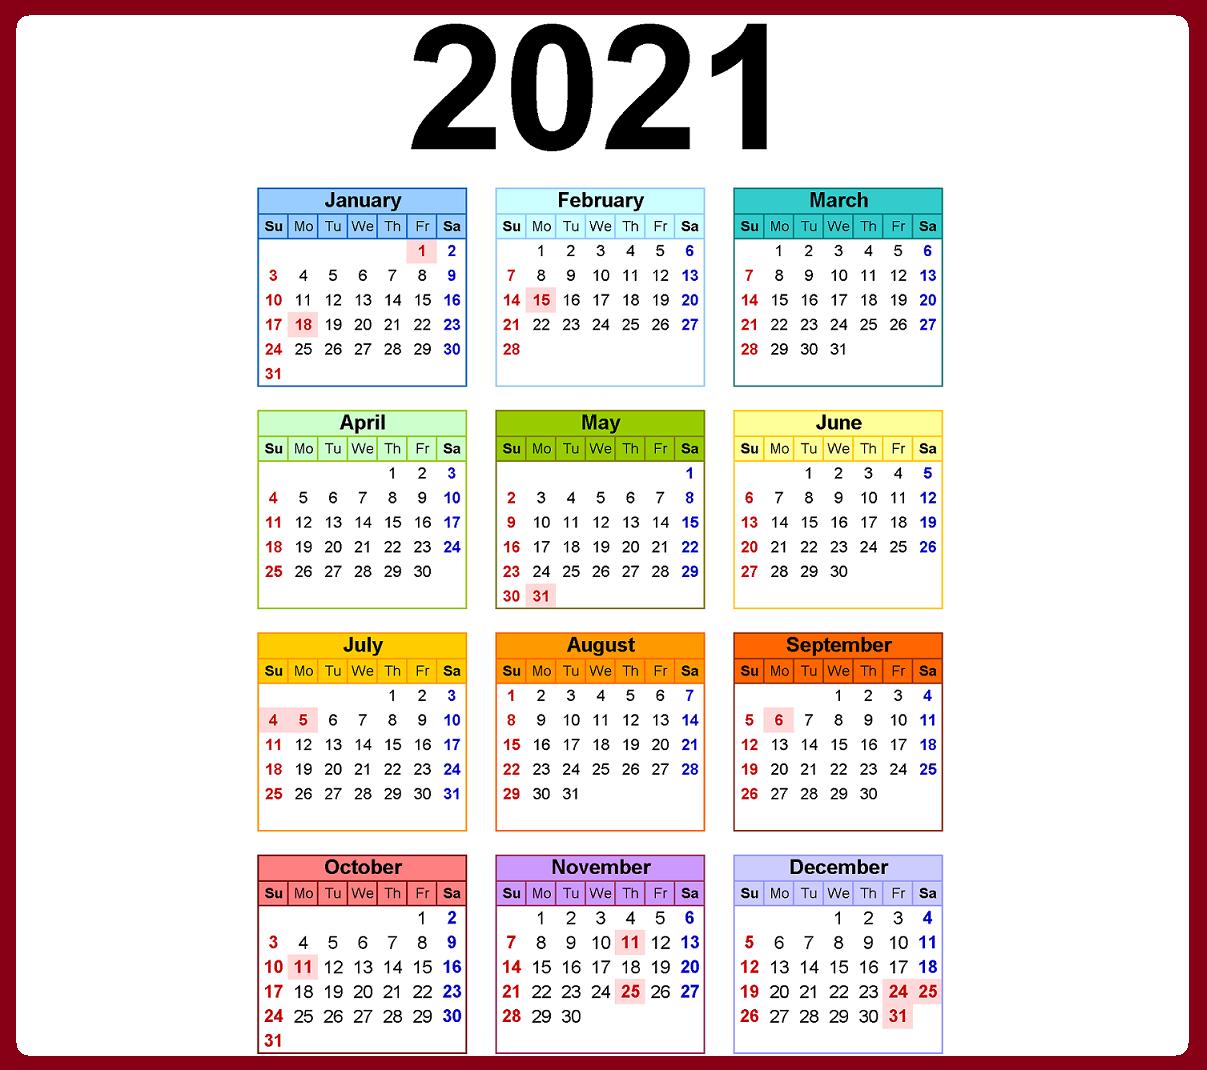 مواعيد العطلات والمناسبات الرسمية في مصر 2021 – نتيجة العام الميلادي 2021 والهجري 1442